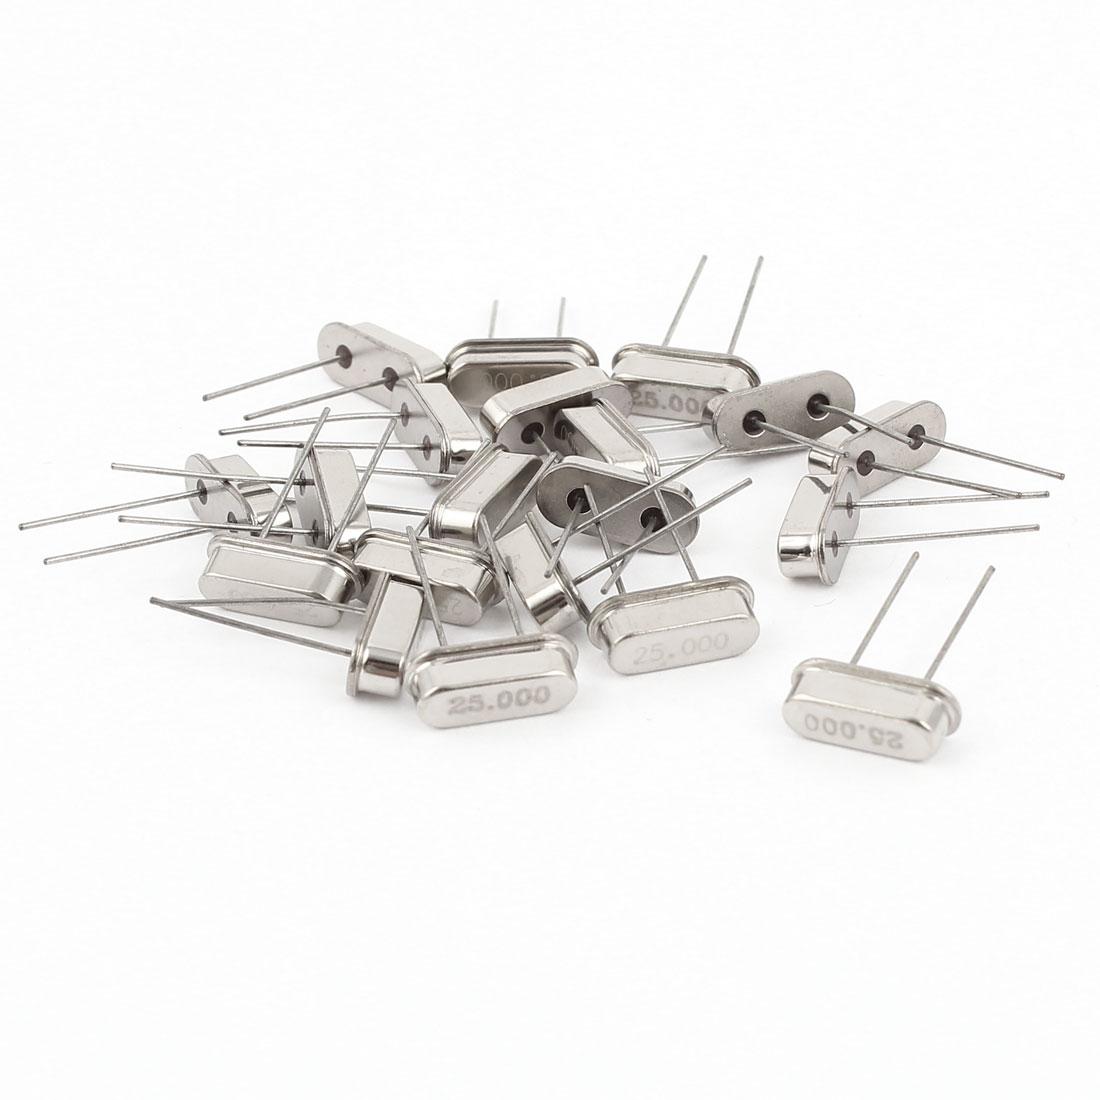 20 Pcs Low Profile 25MHZ 25.000MHZ Quartz Crystal Oscillator HC-49S Replacements